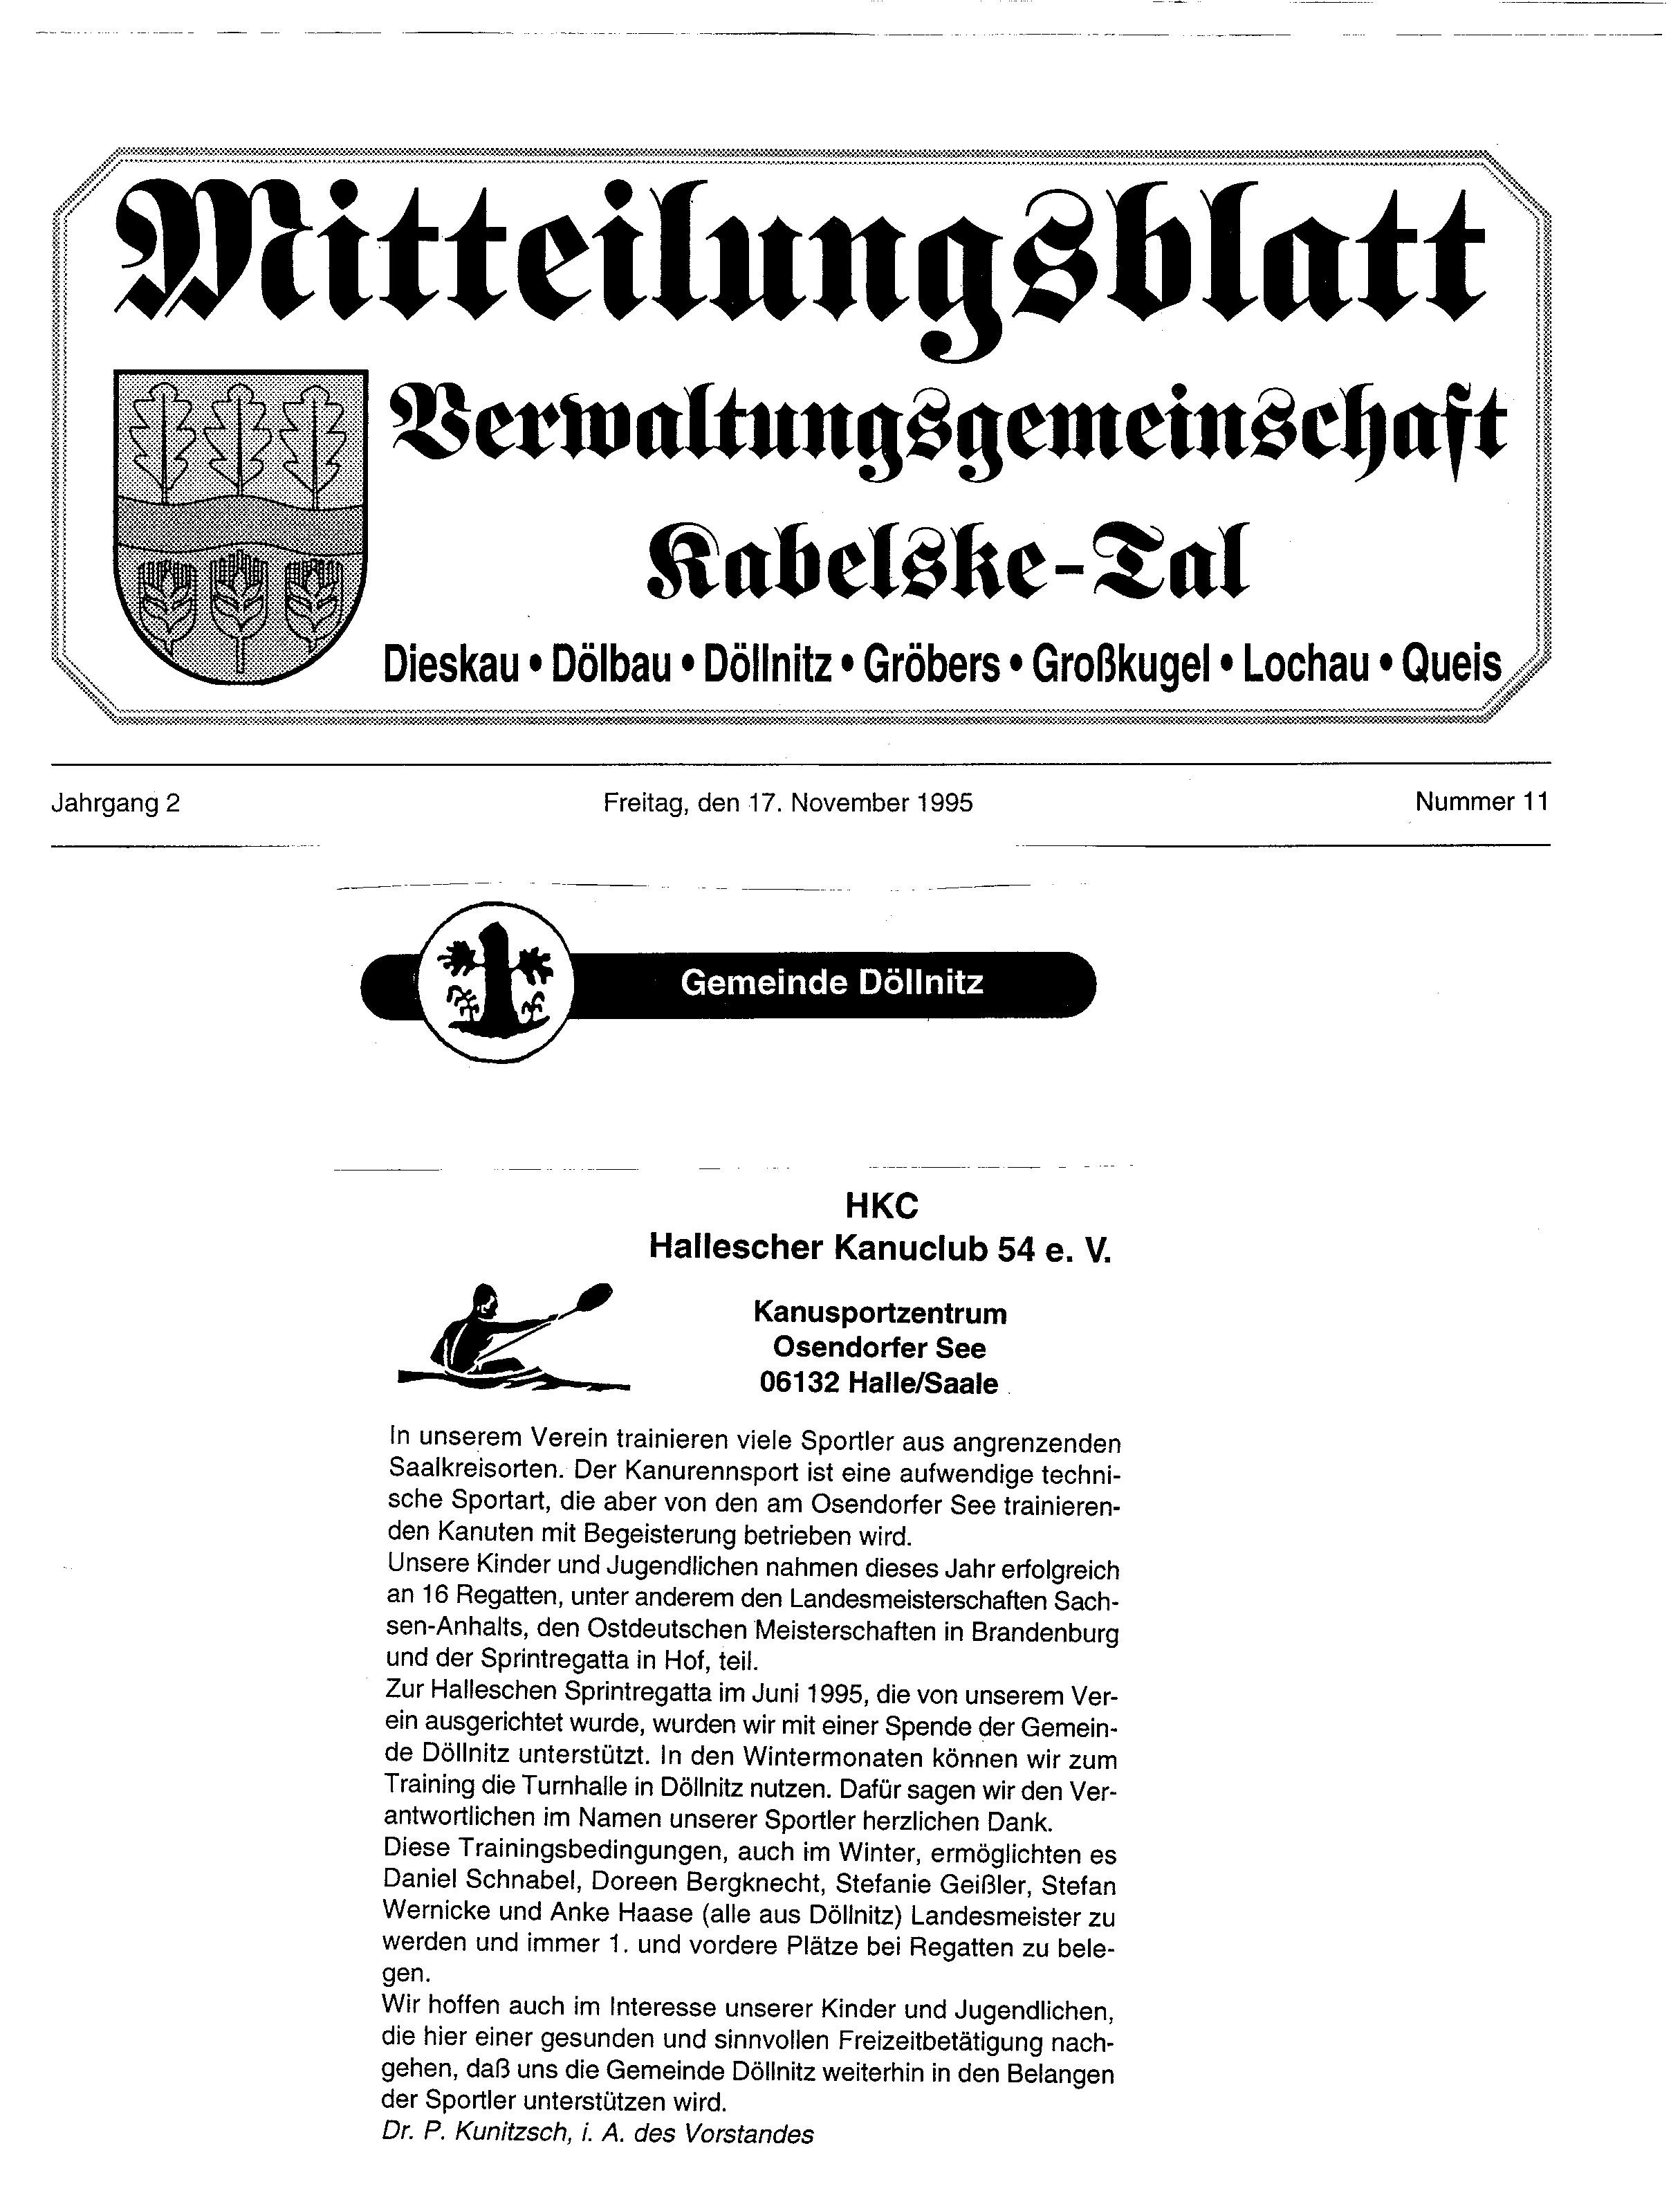 1995-11-17 Kabelske Tal HKC 54